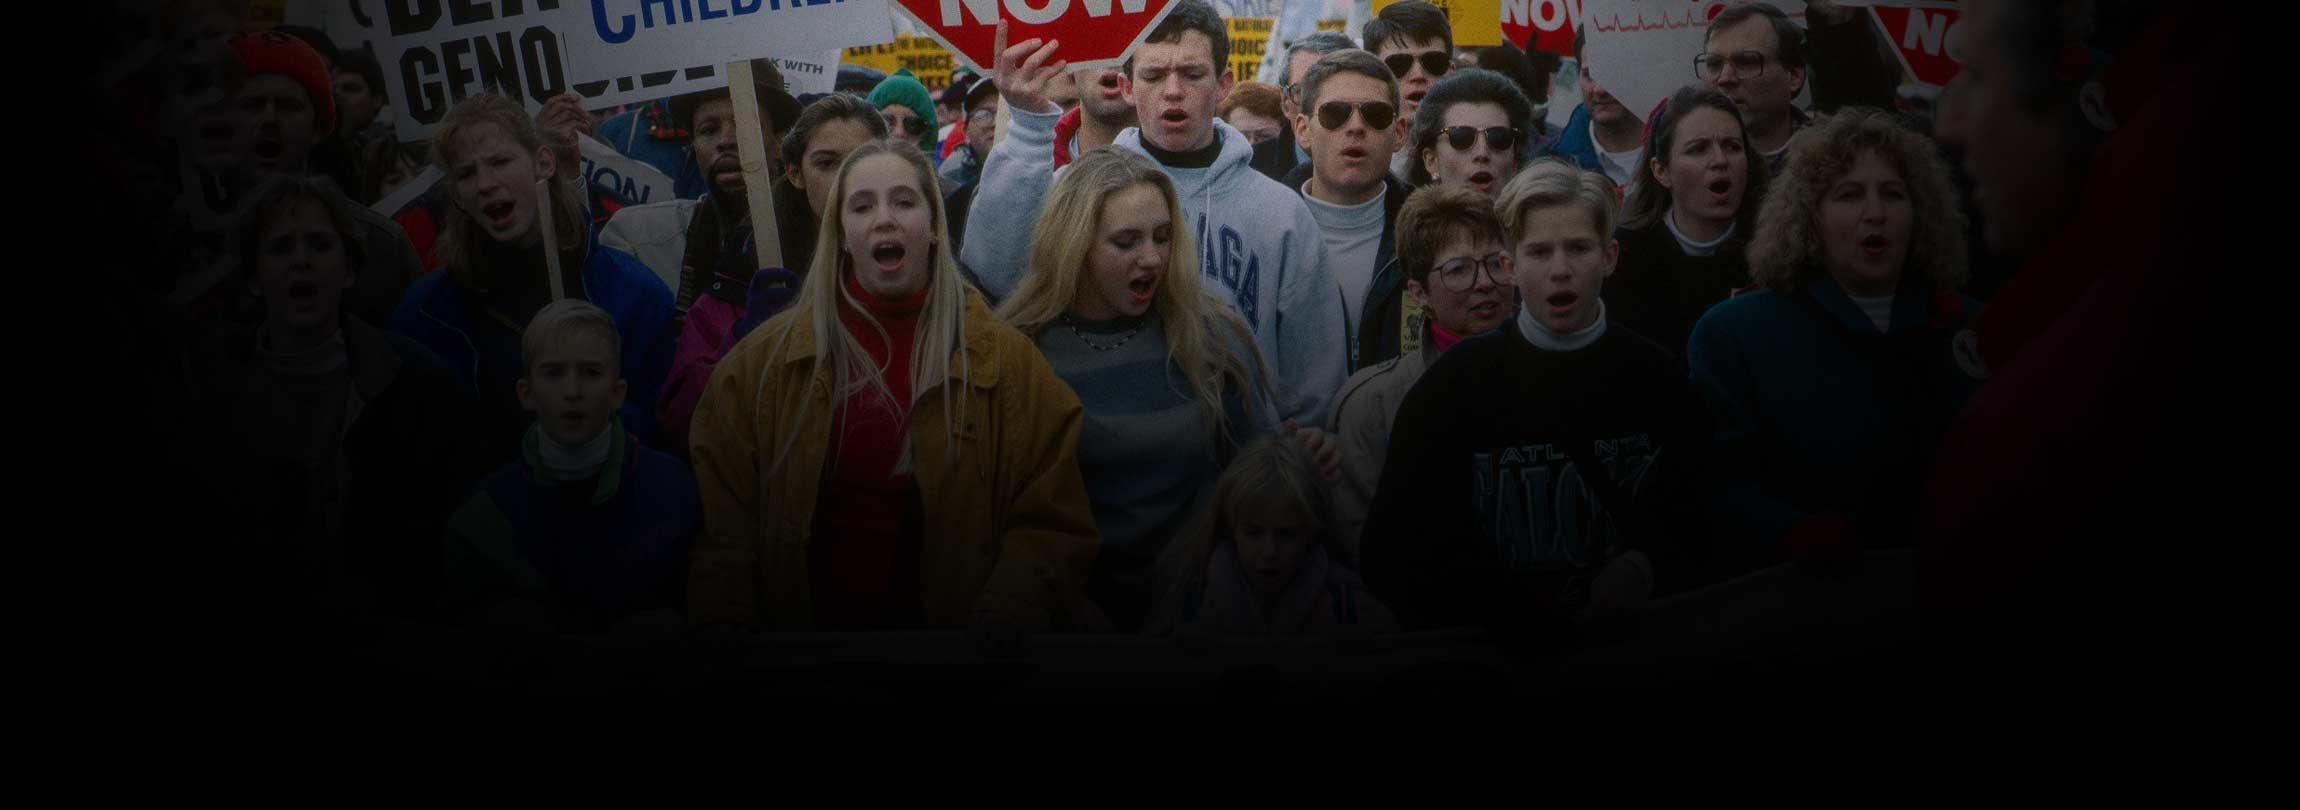 Como os americanos estão mudando o debate sobre o aborto